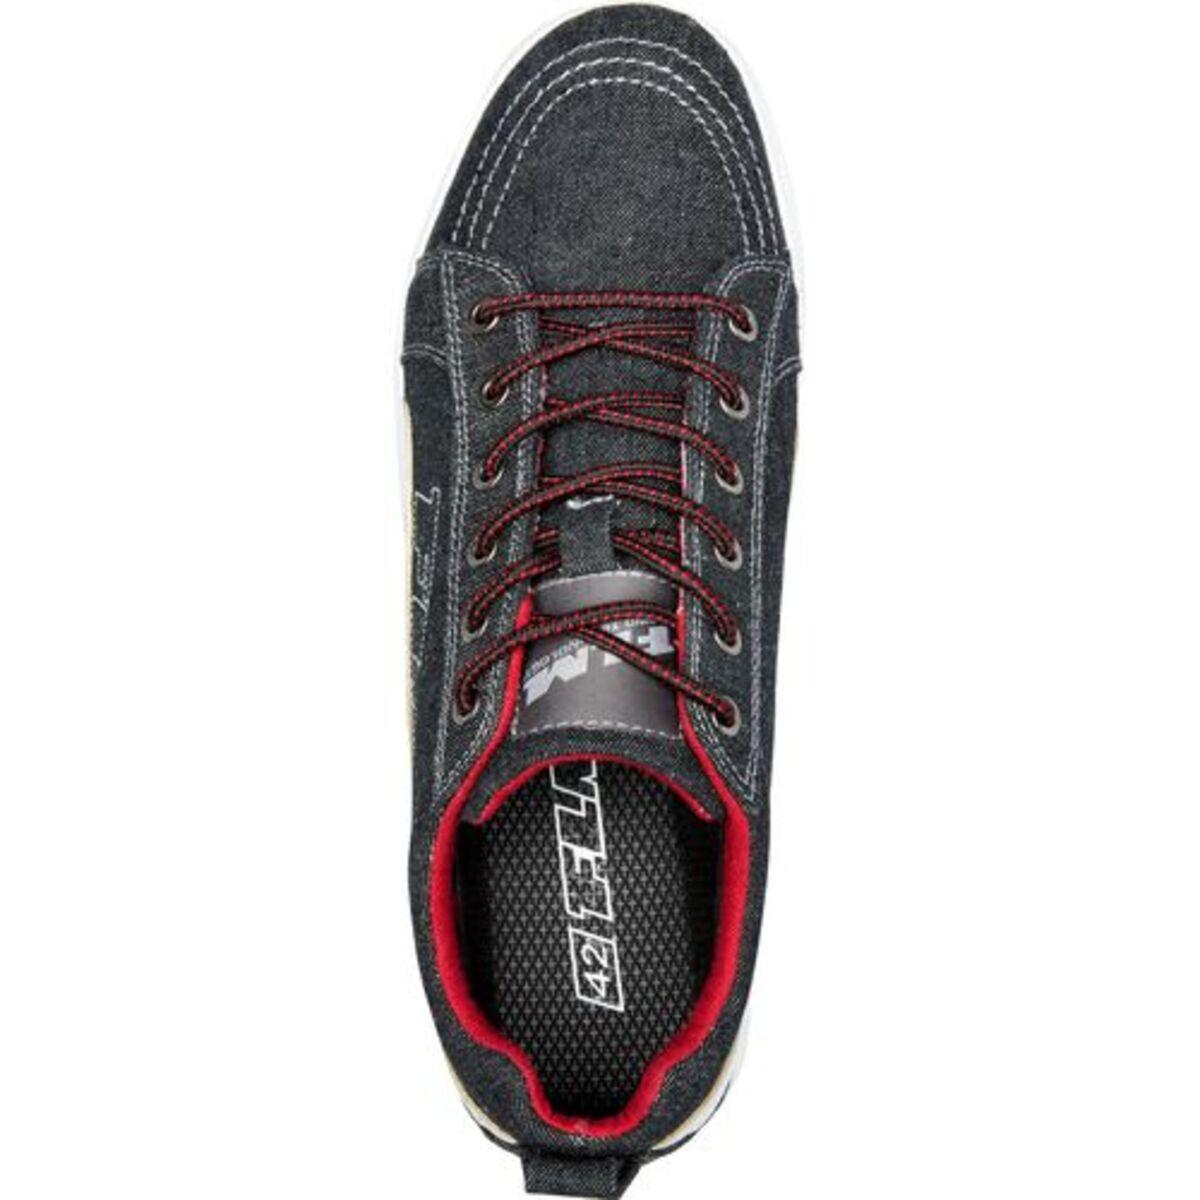 Bild 3 von FLM            Canvas Sneaker 2.0 schwarz